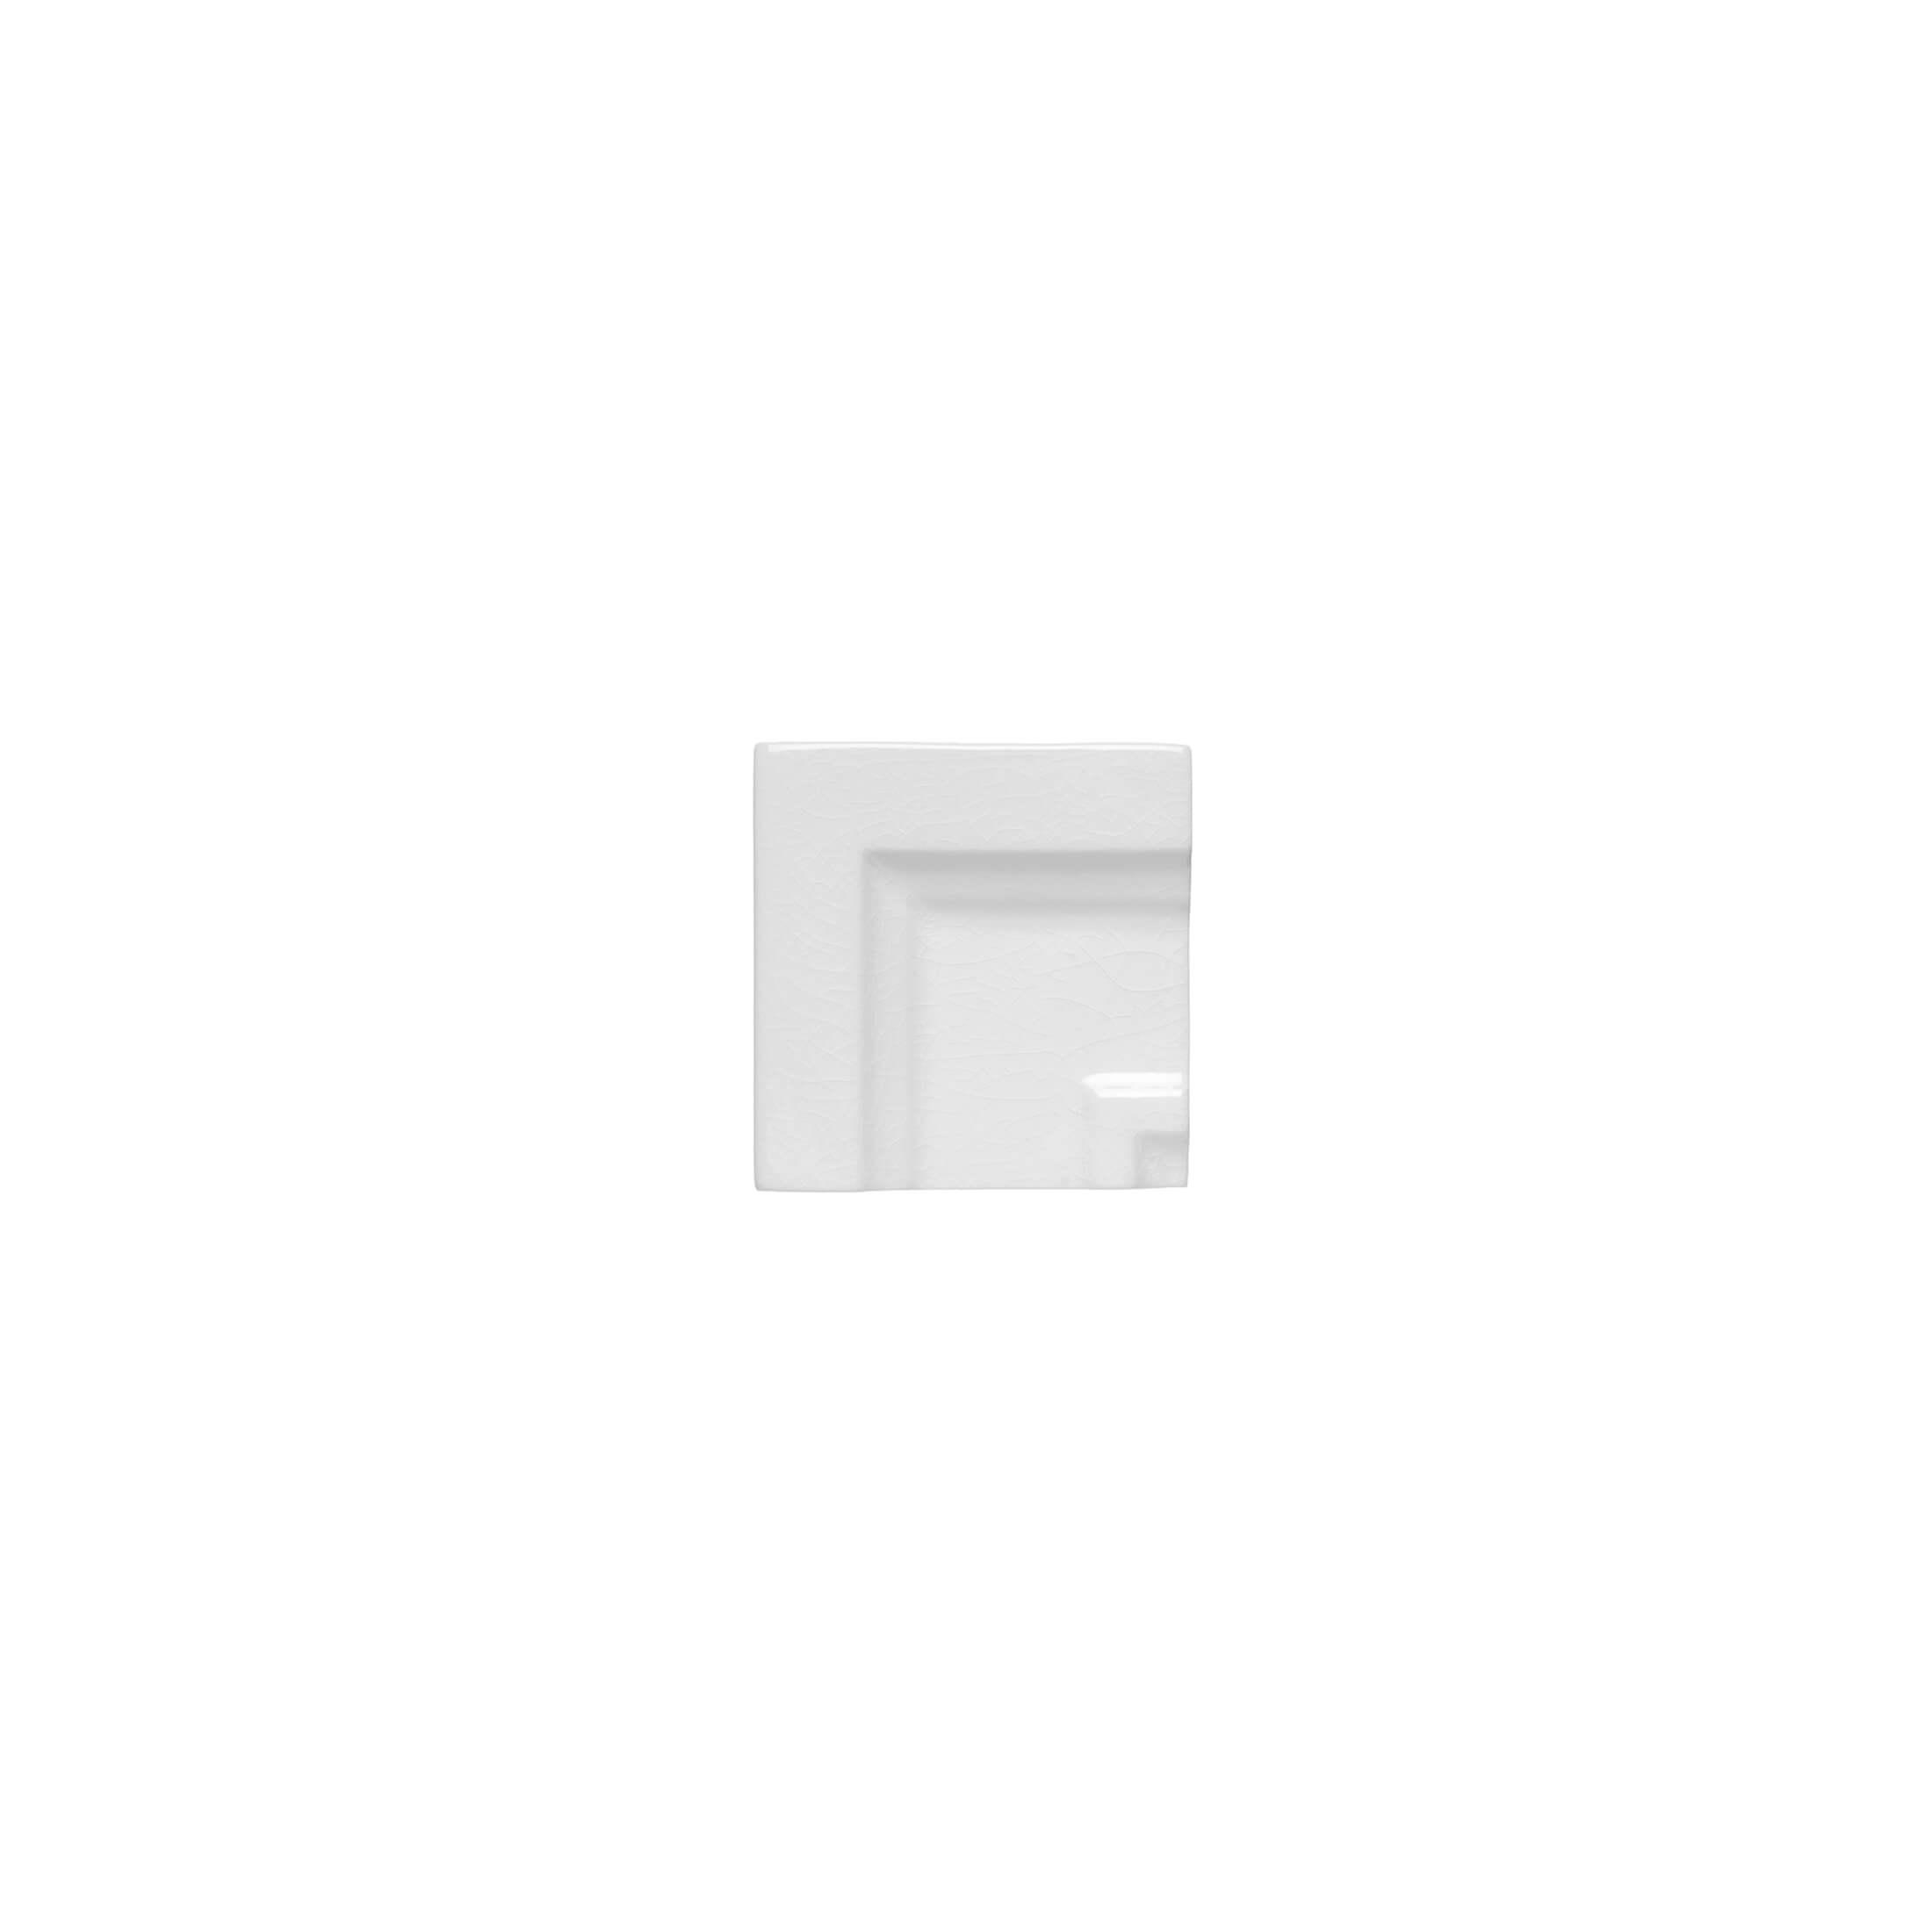 ADMO5410 - ANGULO MARCO CORNISA CLASICA C/C - 7.5 cm X 15 cm